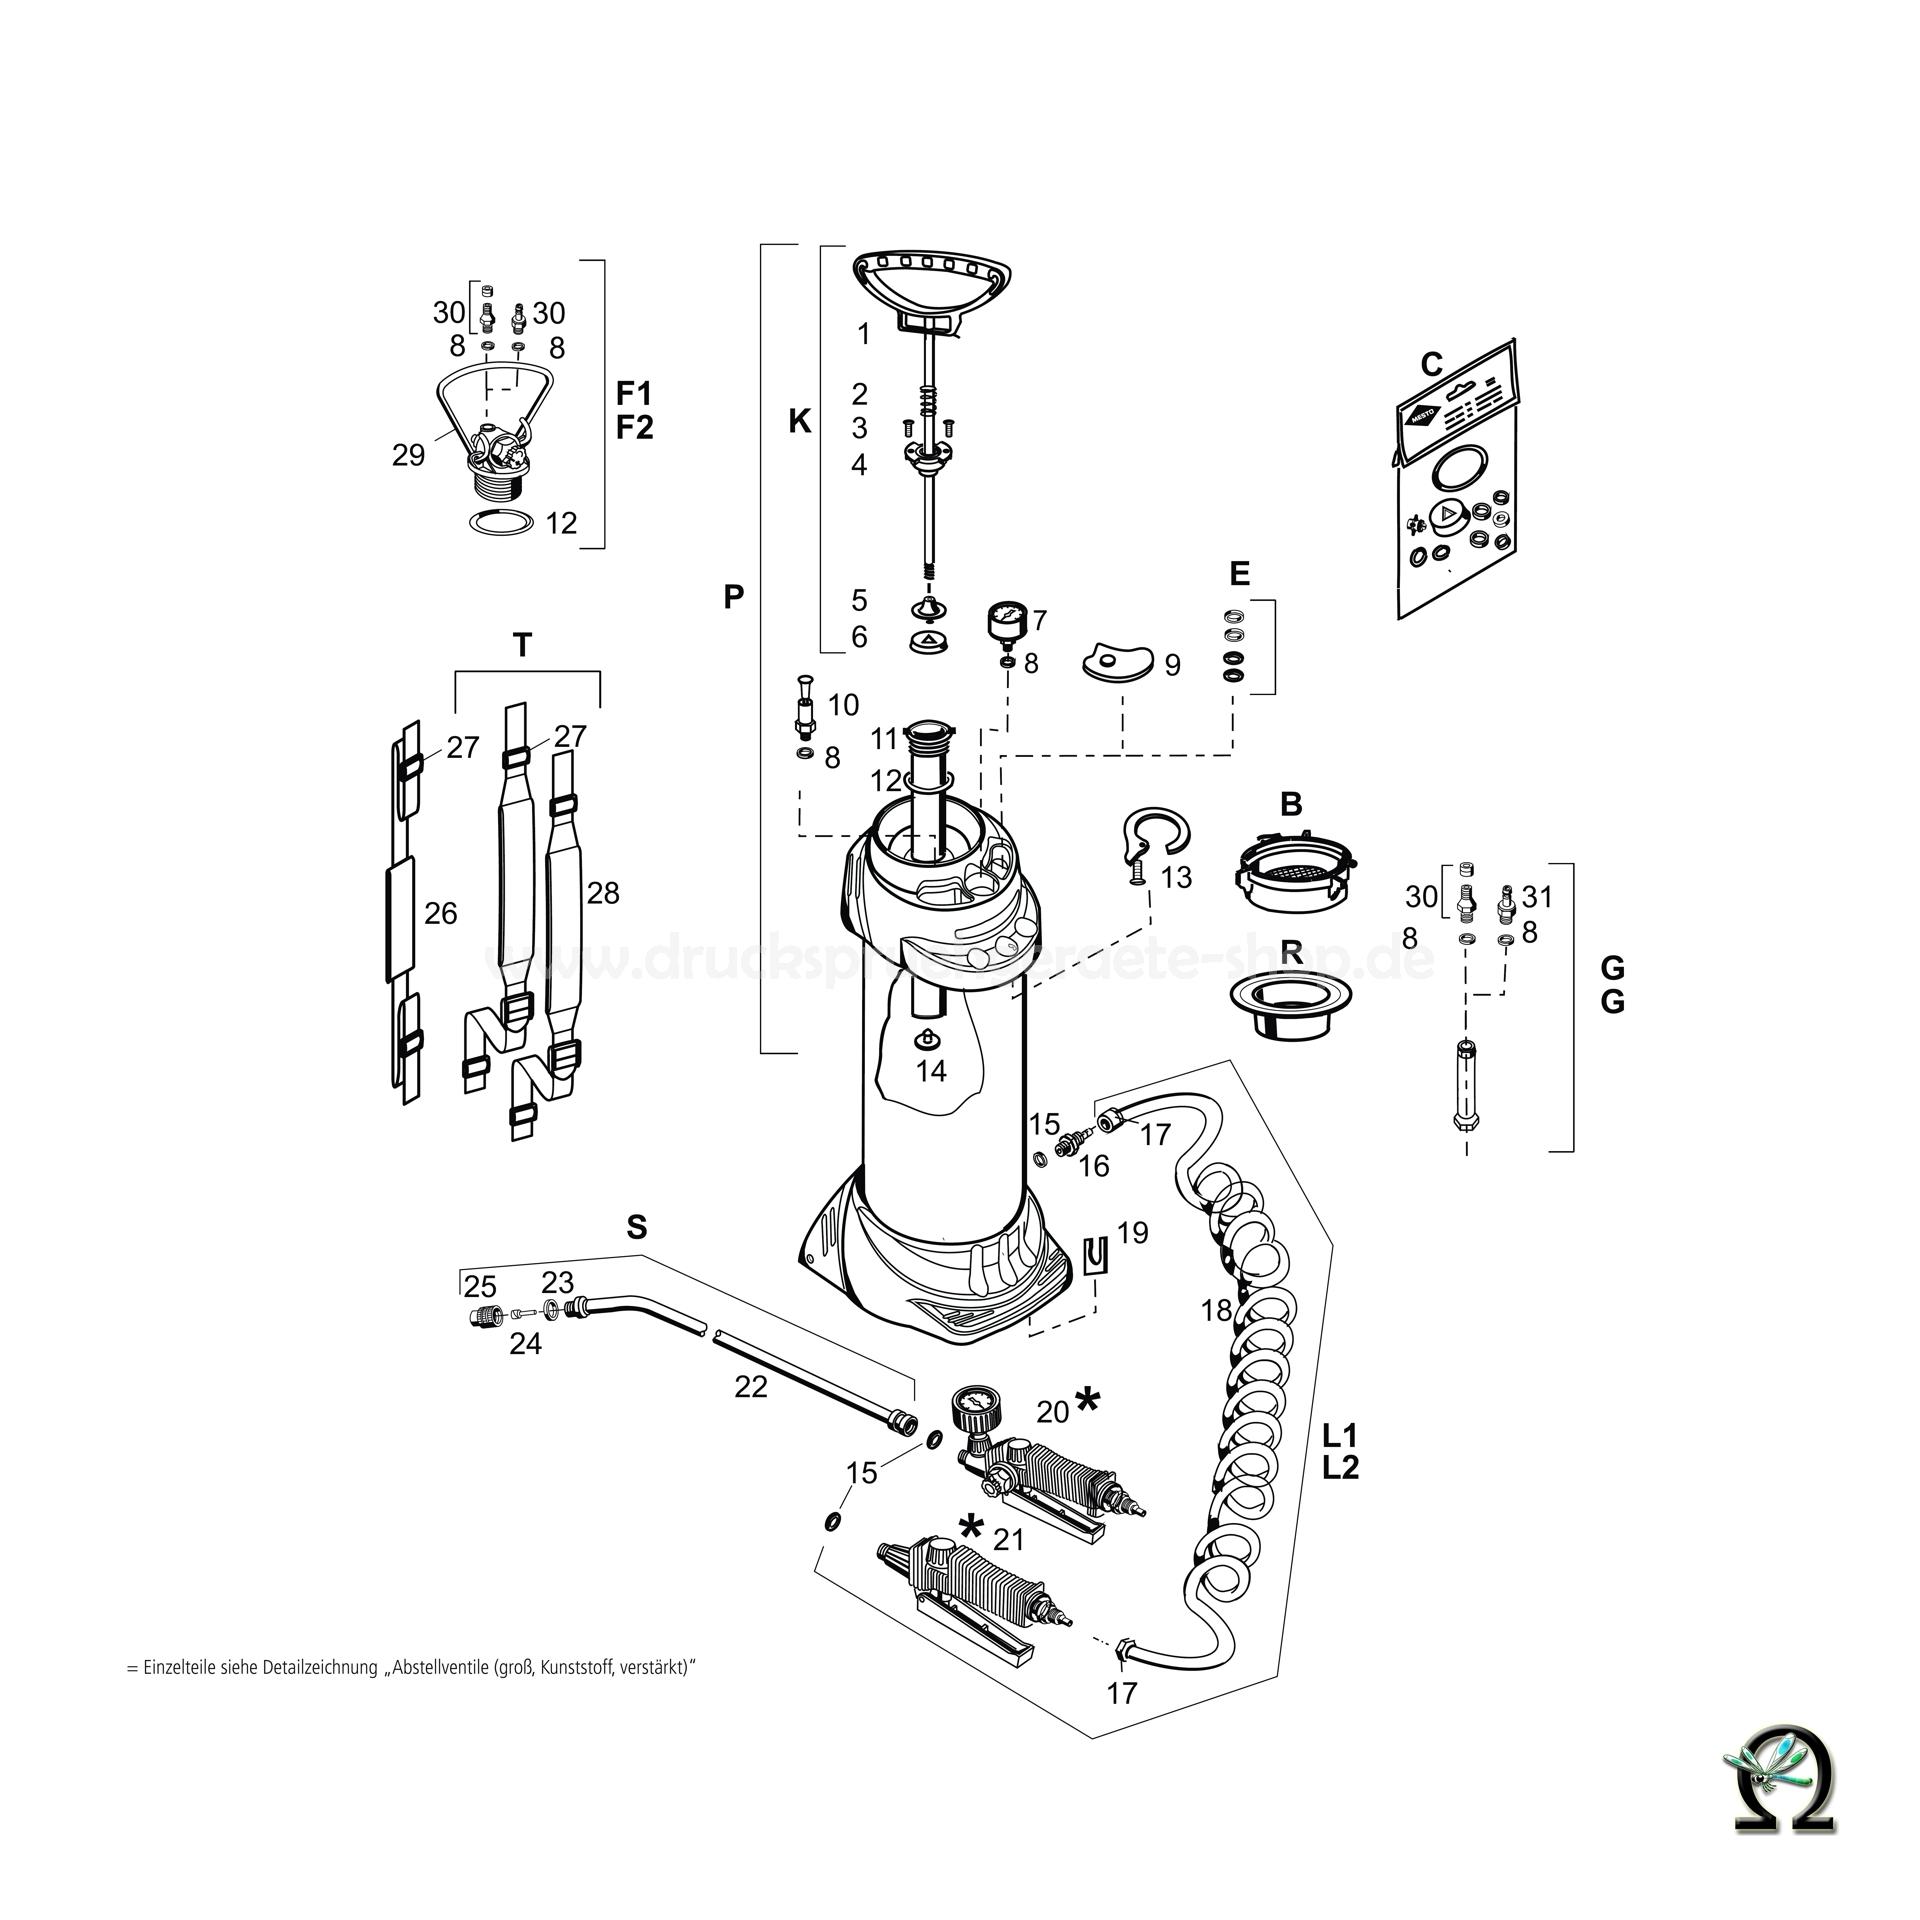 Mesto Hochdrucksprühgerät 3615 INOX - 10 Liter, Zeichnung der Einzelteile